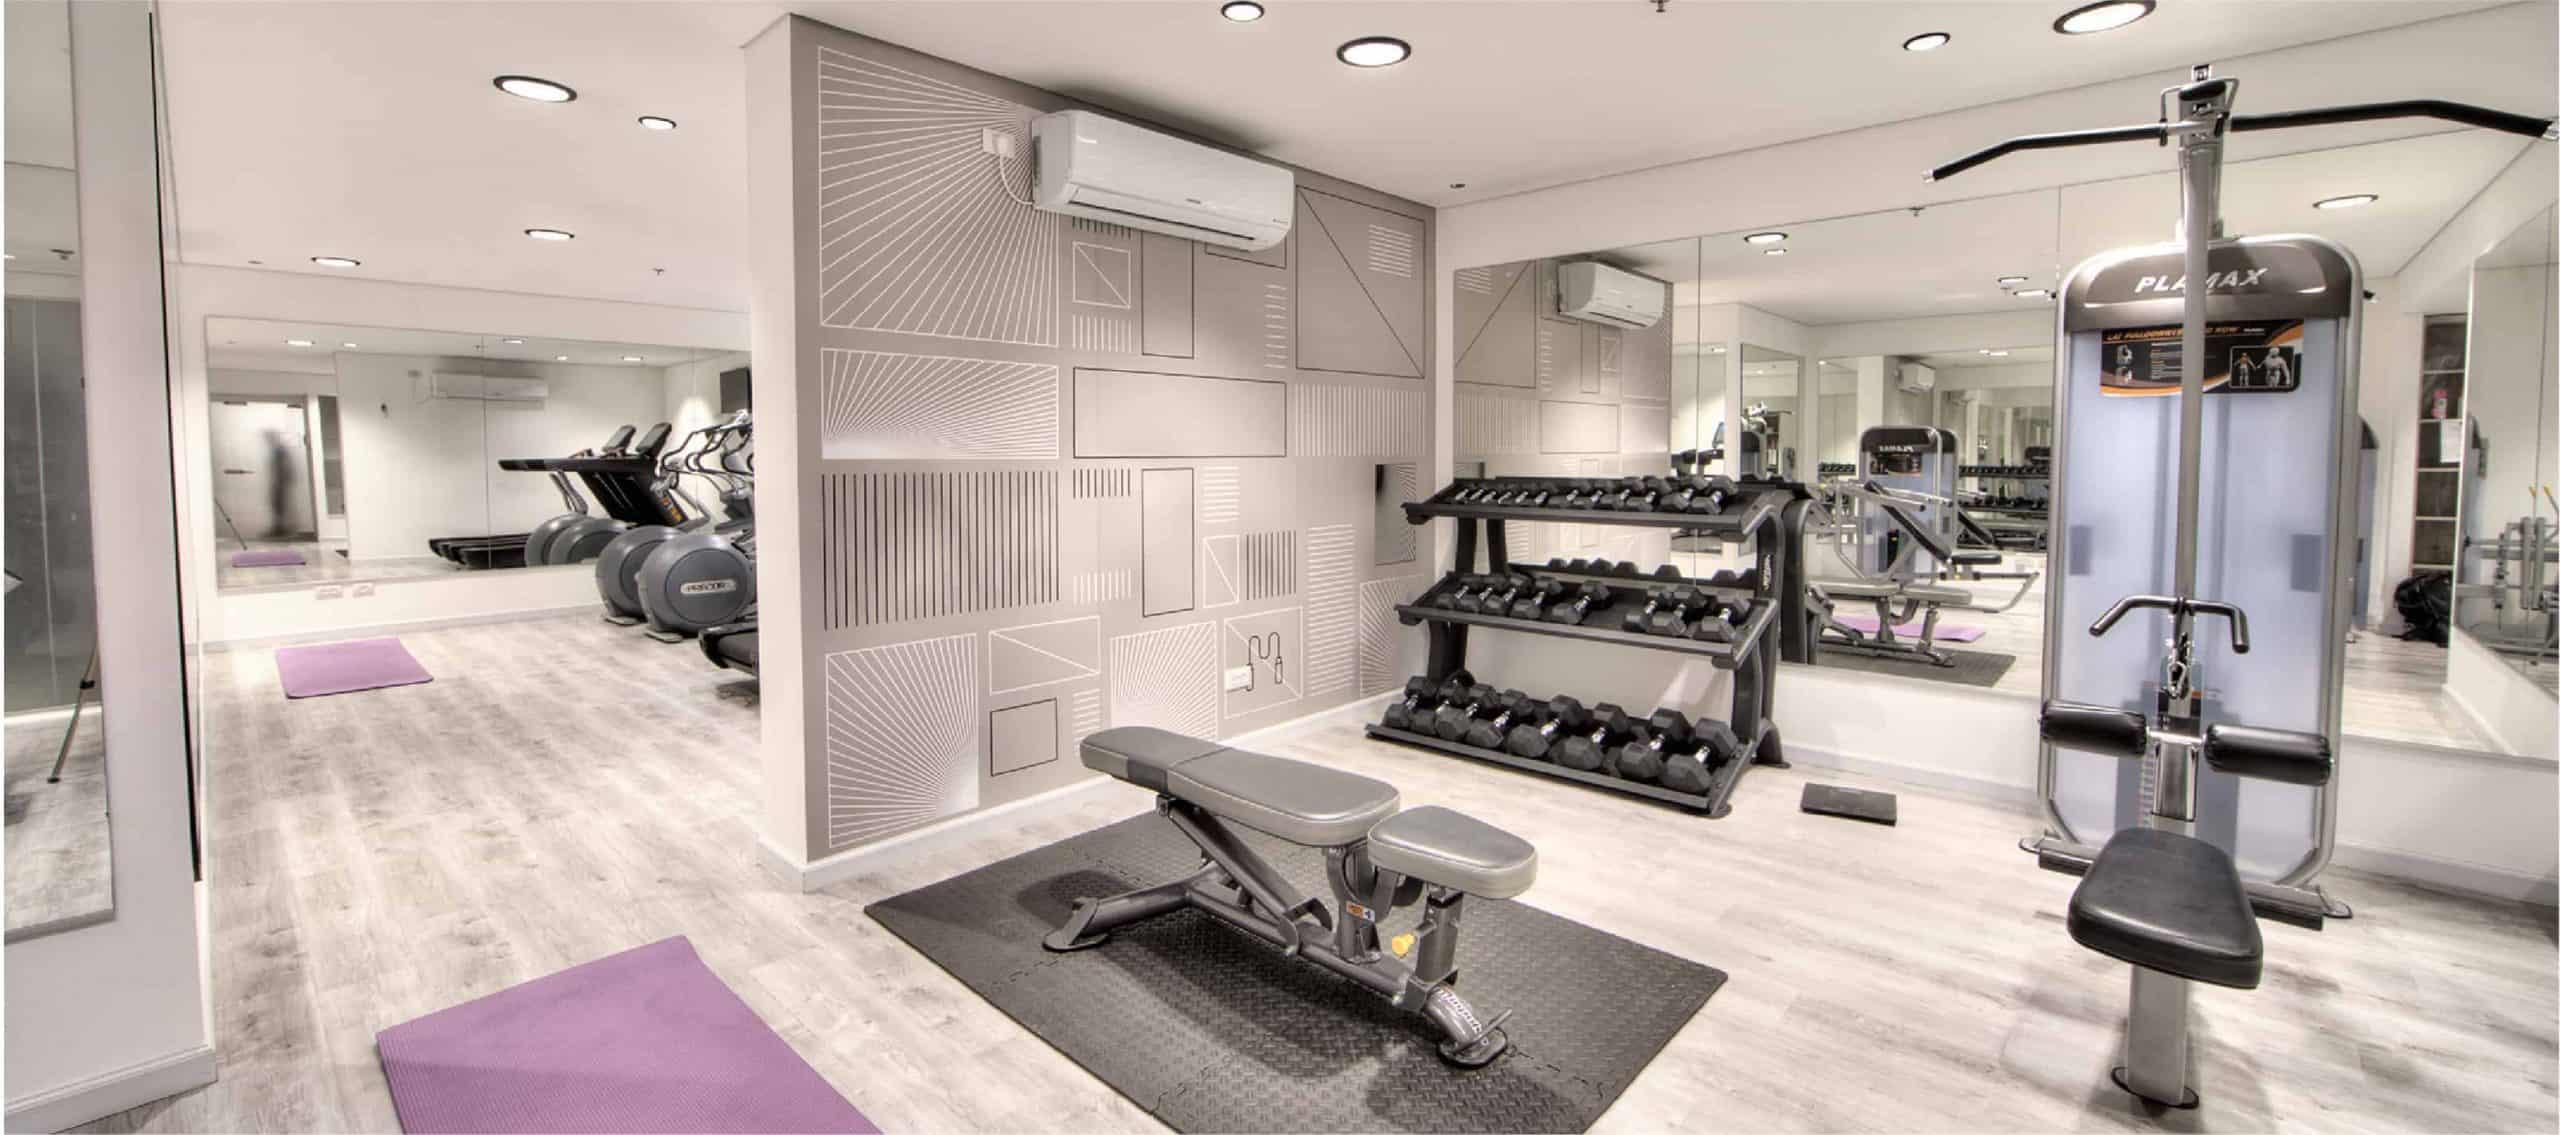 park 8 gym